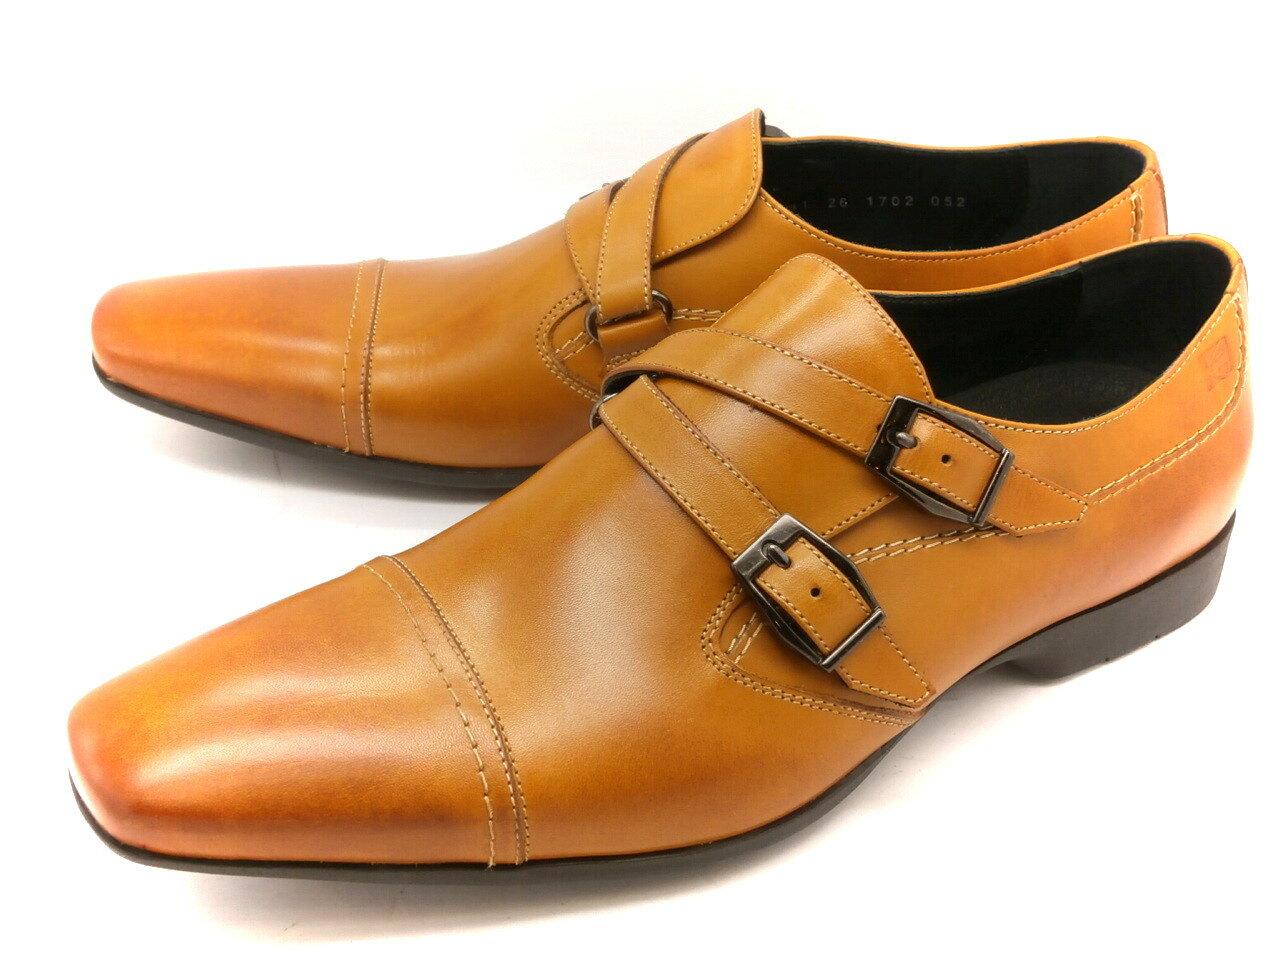 【残り僅か!】KATHARINE HAMNETT 31541(ブラウン)返しベルトモンクストラップ 【ポイント10倍】キャサリンハムネット メンズ ビジネス 靴 紳士靴